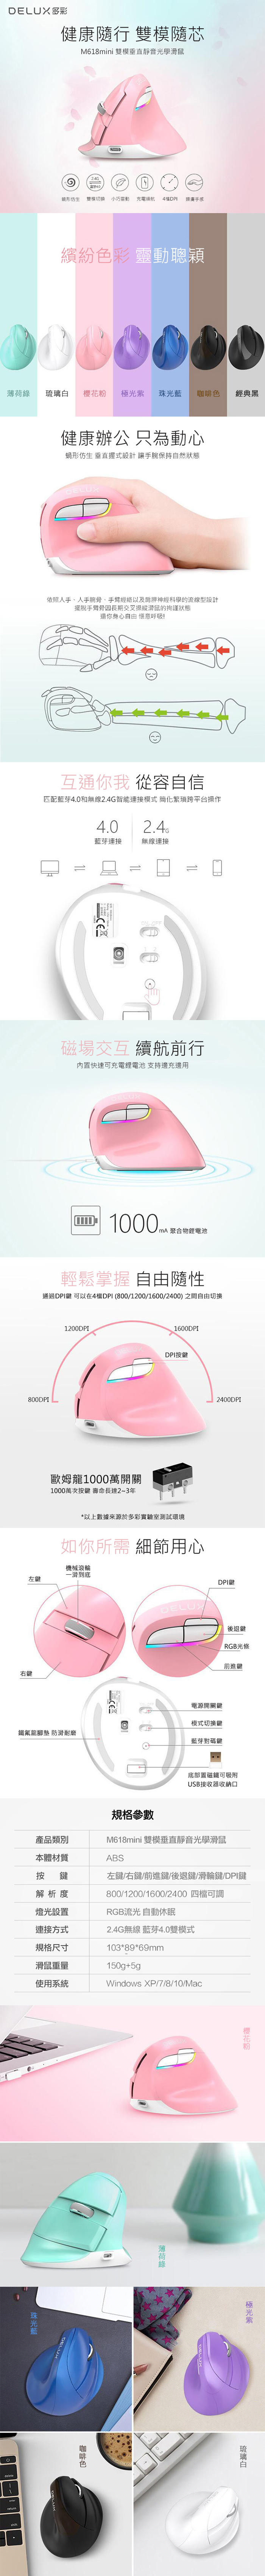 DeLUX M618mini 雙模垂直靜音光學滑鼠